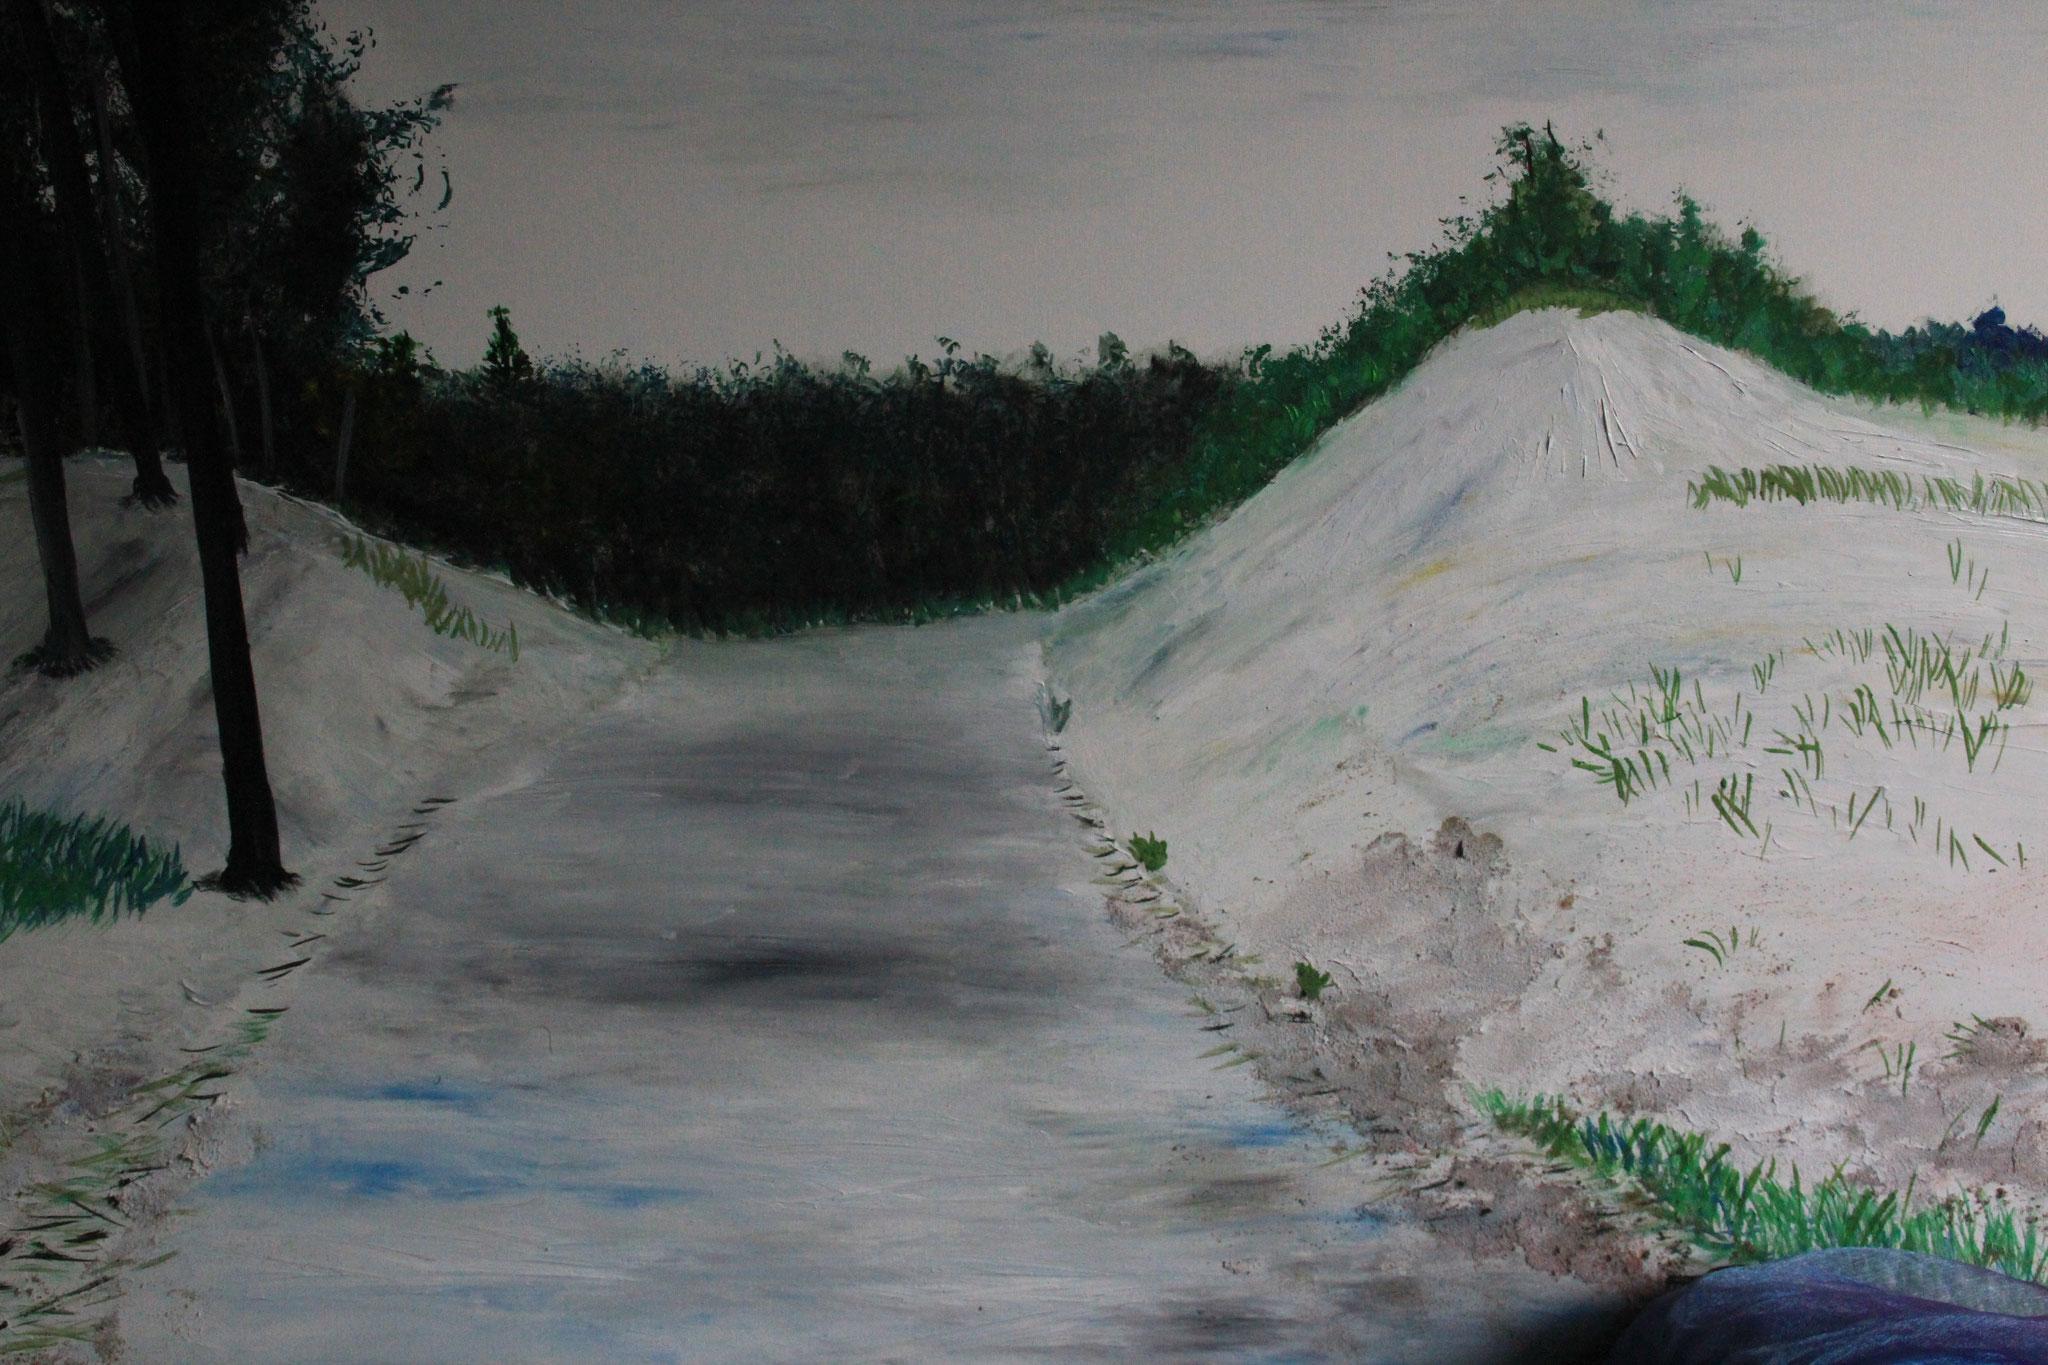 Duinlandschap bij Bergen 2, olieverf, 2019